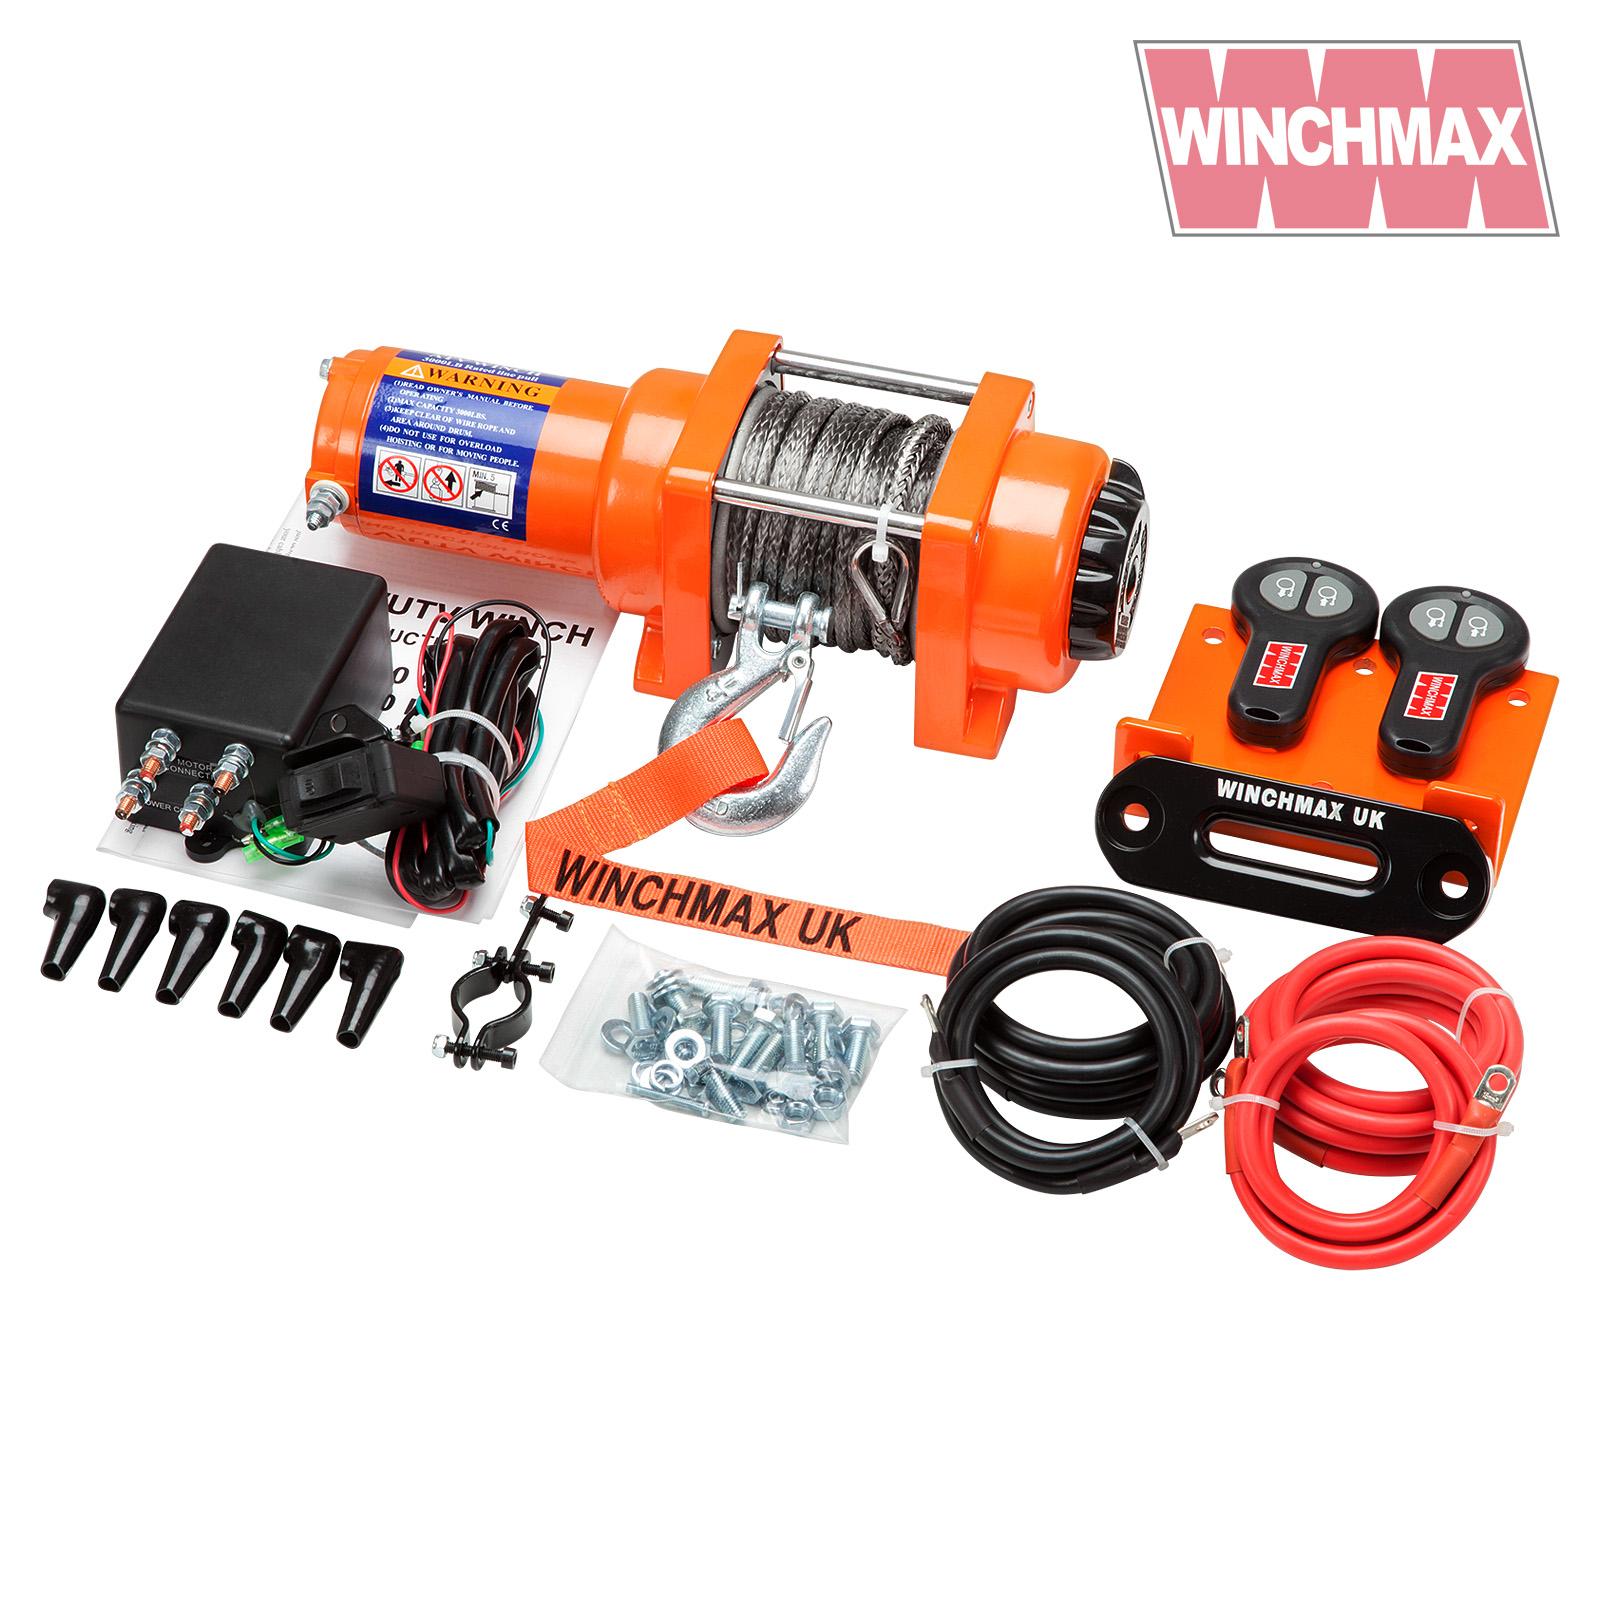 Wm300012vrs winchmax 336